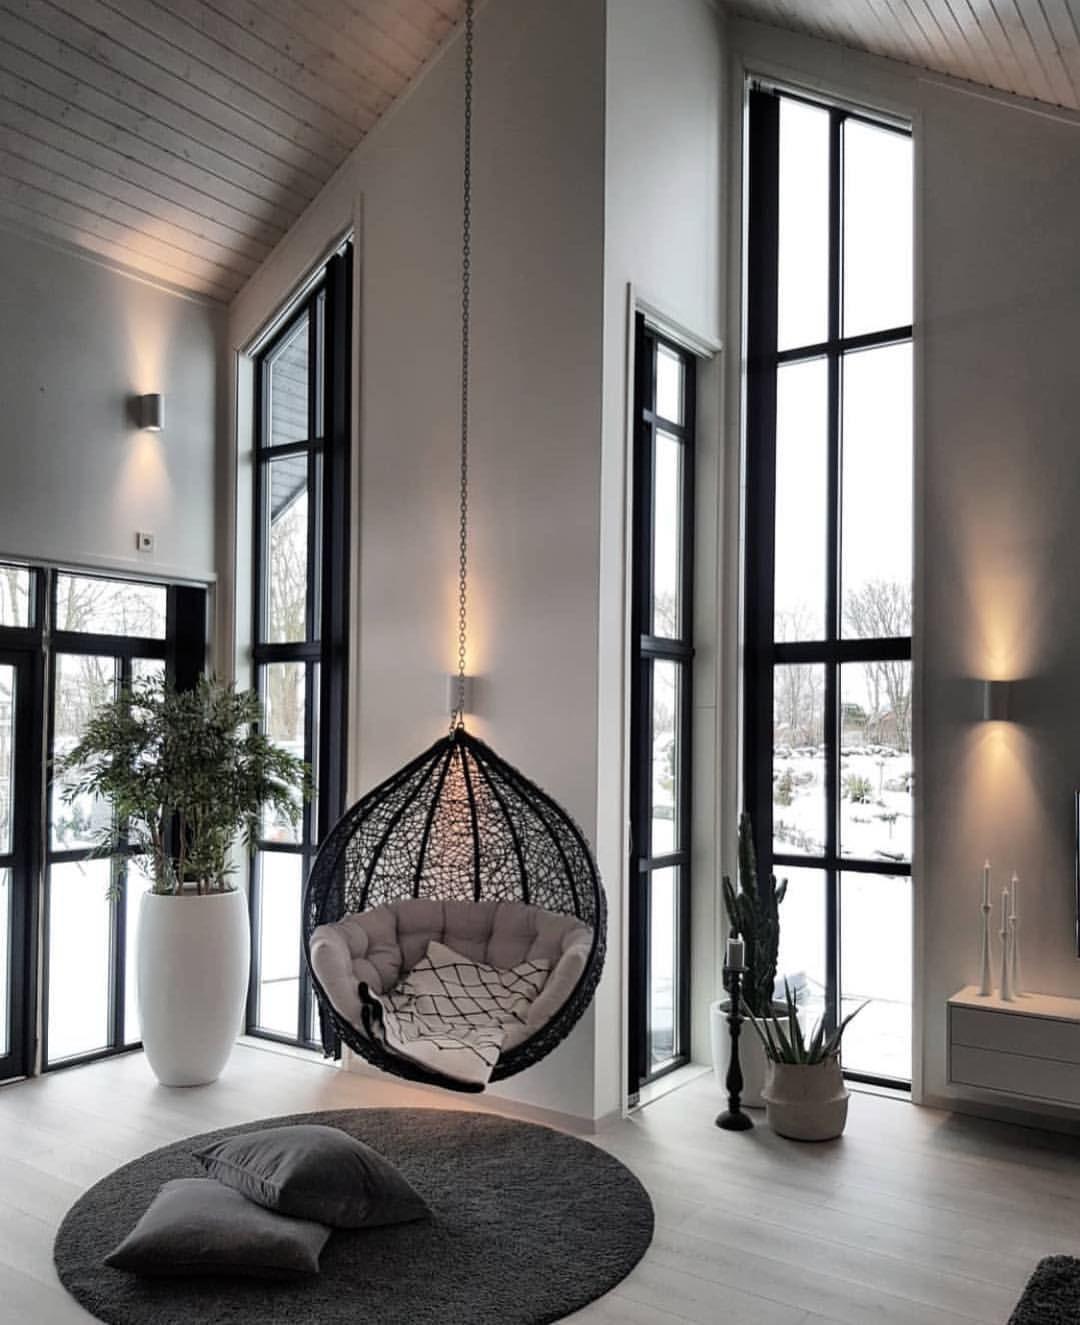 n attendez pas pour obtenir les meilleures idees de decoration de maisons du milieu du